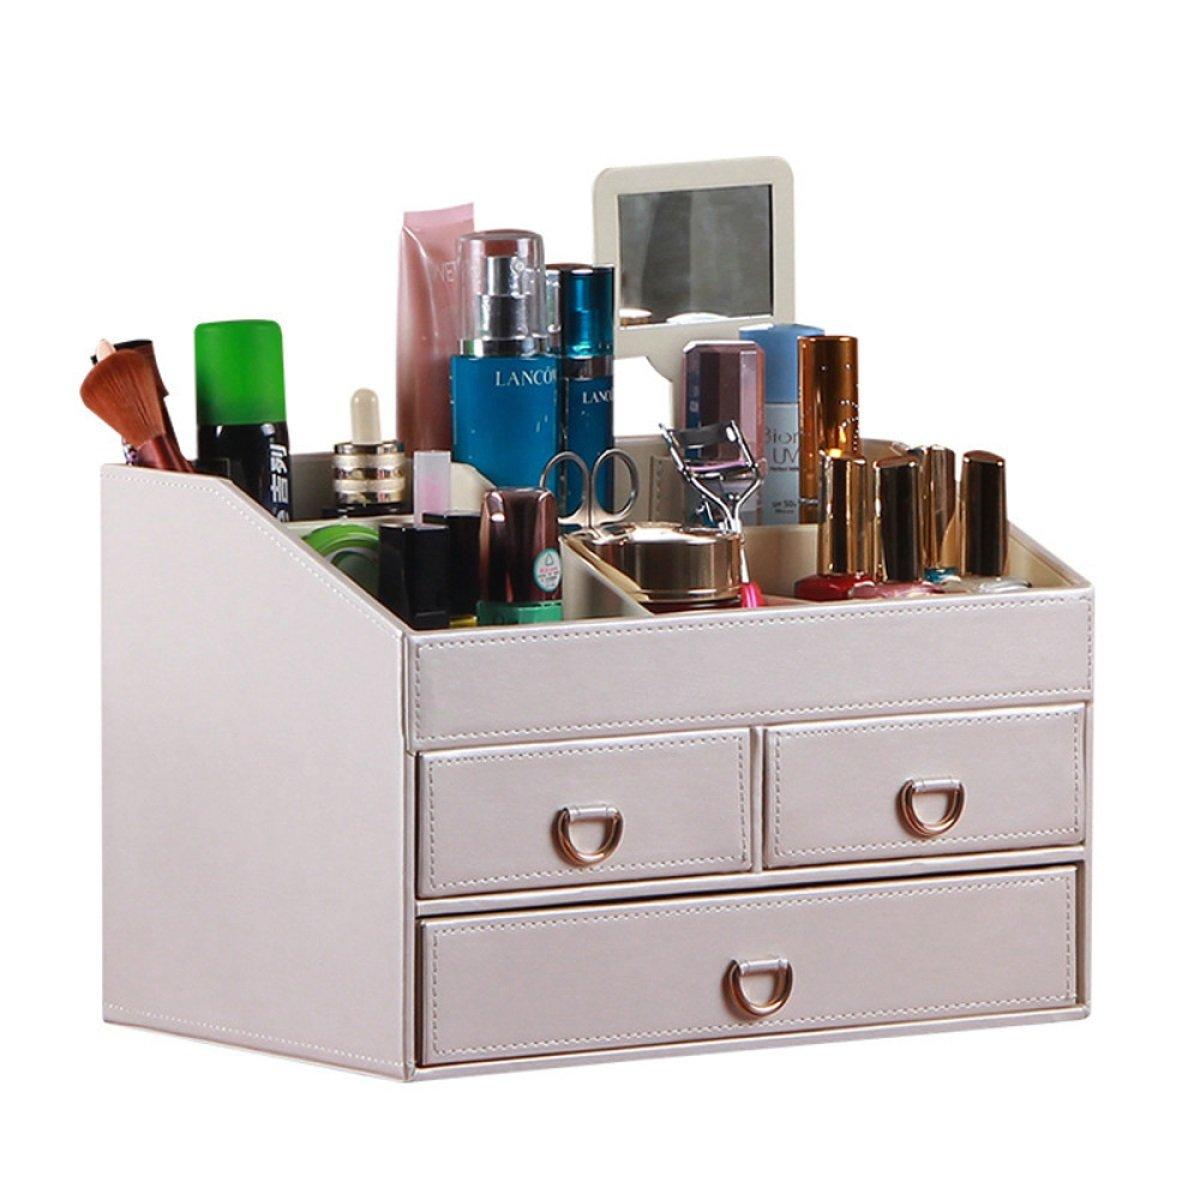 化粧品収納ボックスホーム引き出し付きデスクトップオーガナイザー多機能収納仕上げボックス(30 * 20 * 20cm) (色 : 白) B07PS5LB8C 白